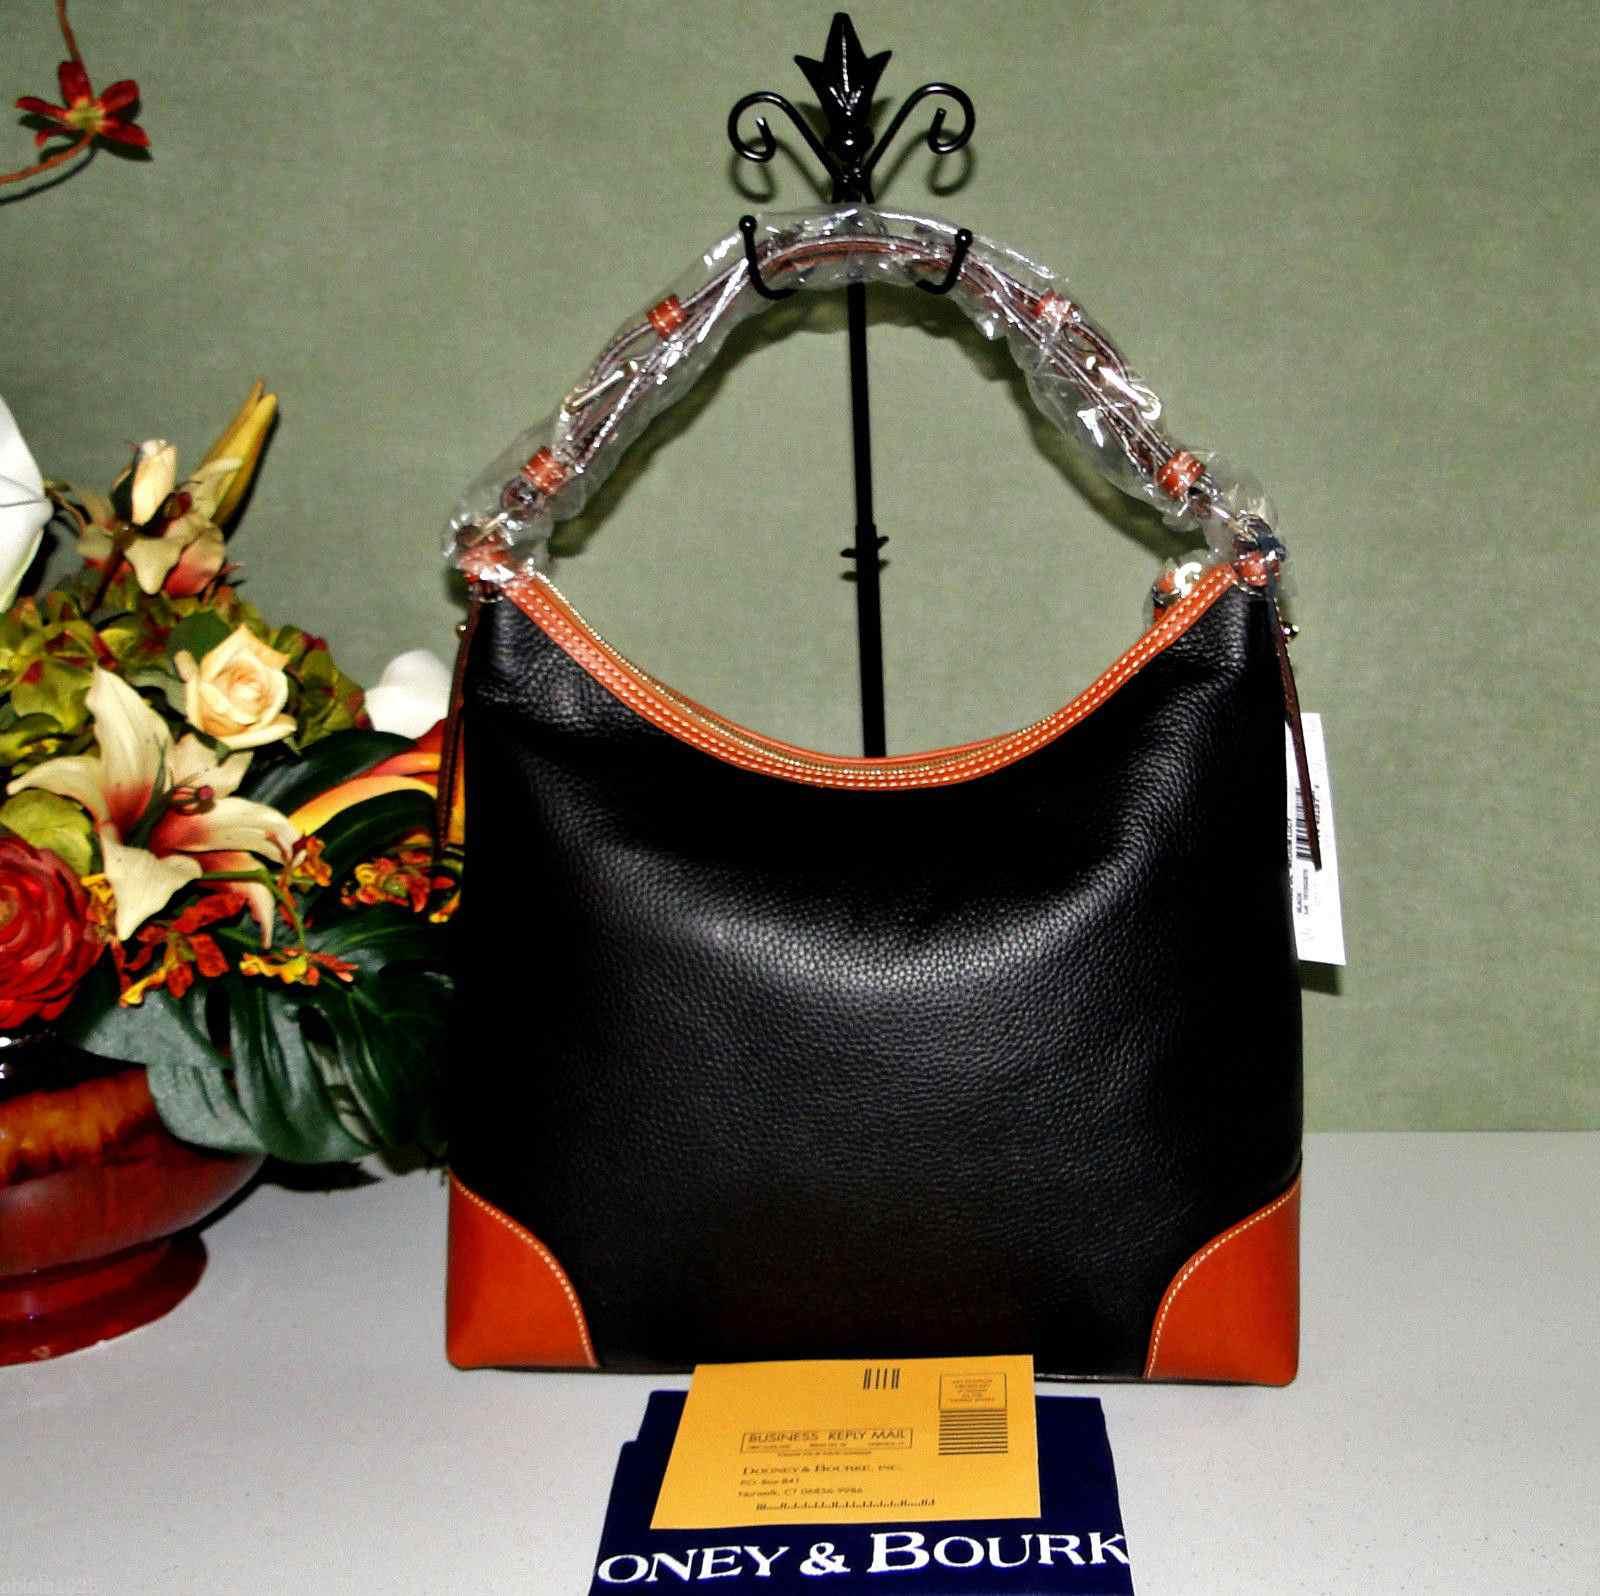 Dooney & Bourke Lucy Med Black Leather Hobo Shoulder Bag LAST ONE